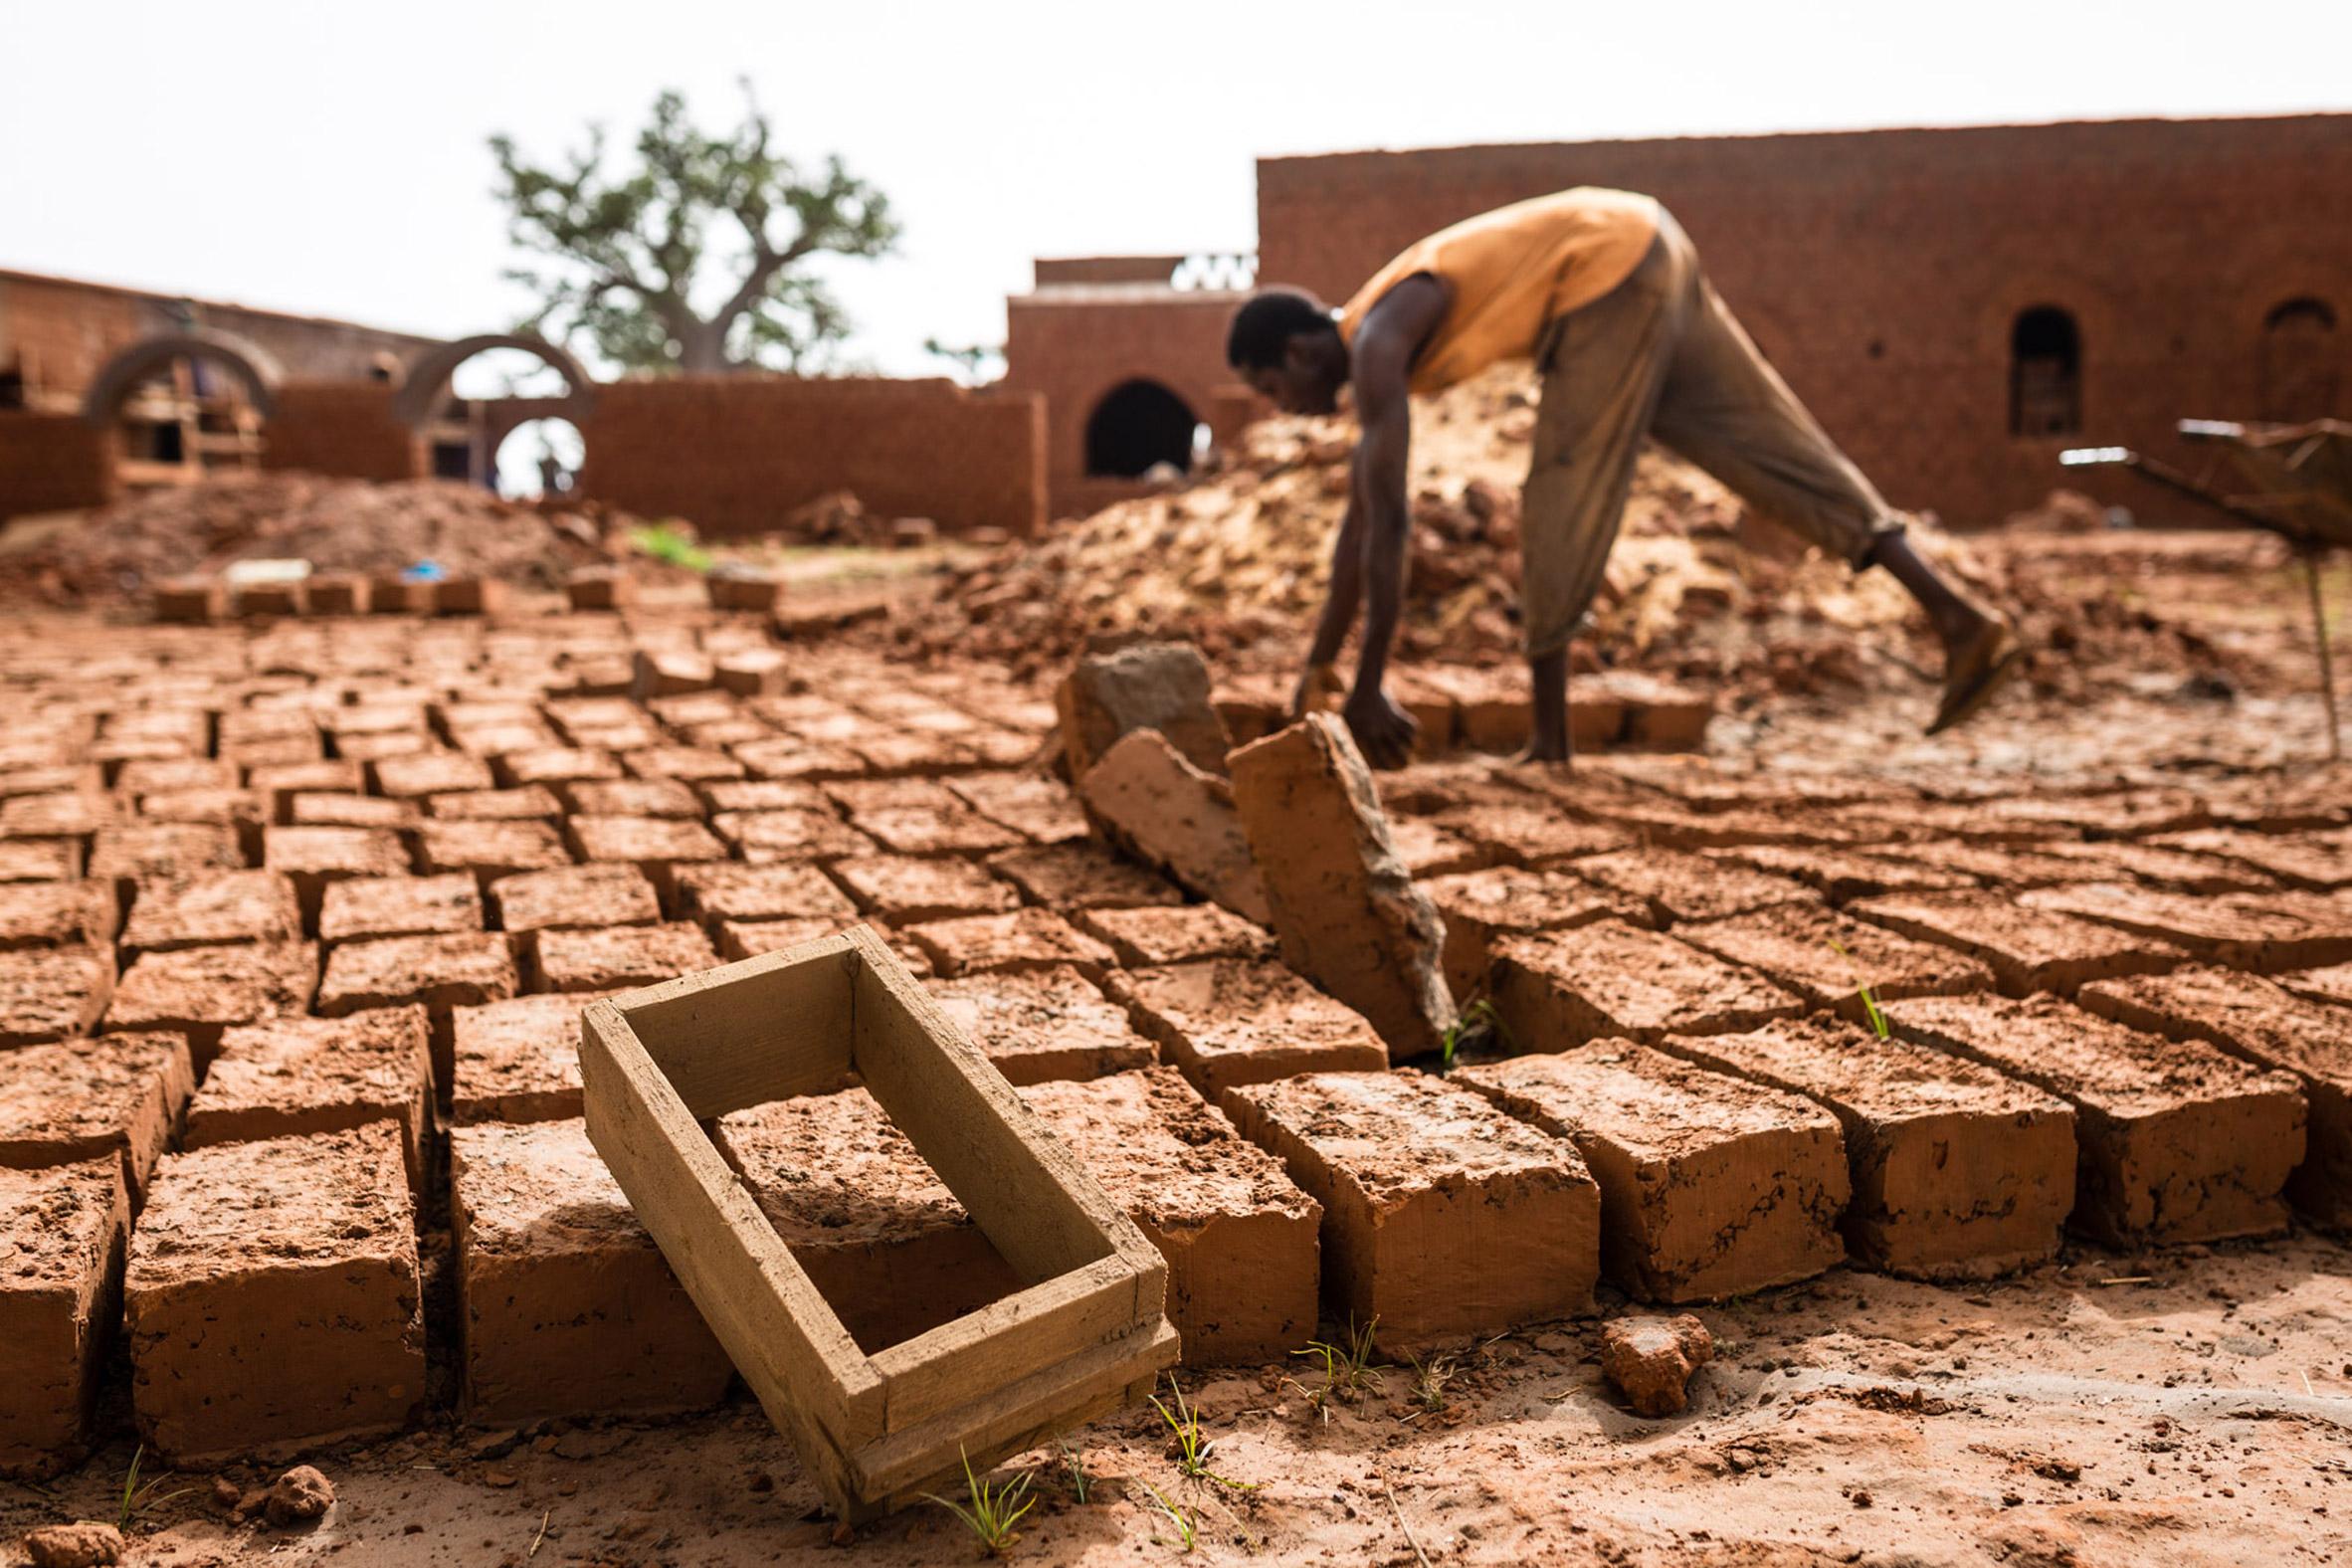 """La Voûte Nubienne revives ancient building technique to """"transform housing"""" in Africa"""